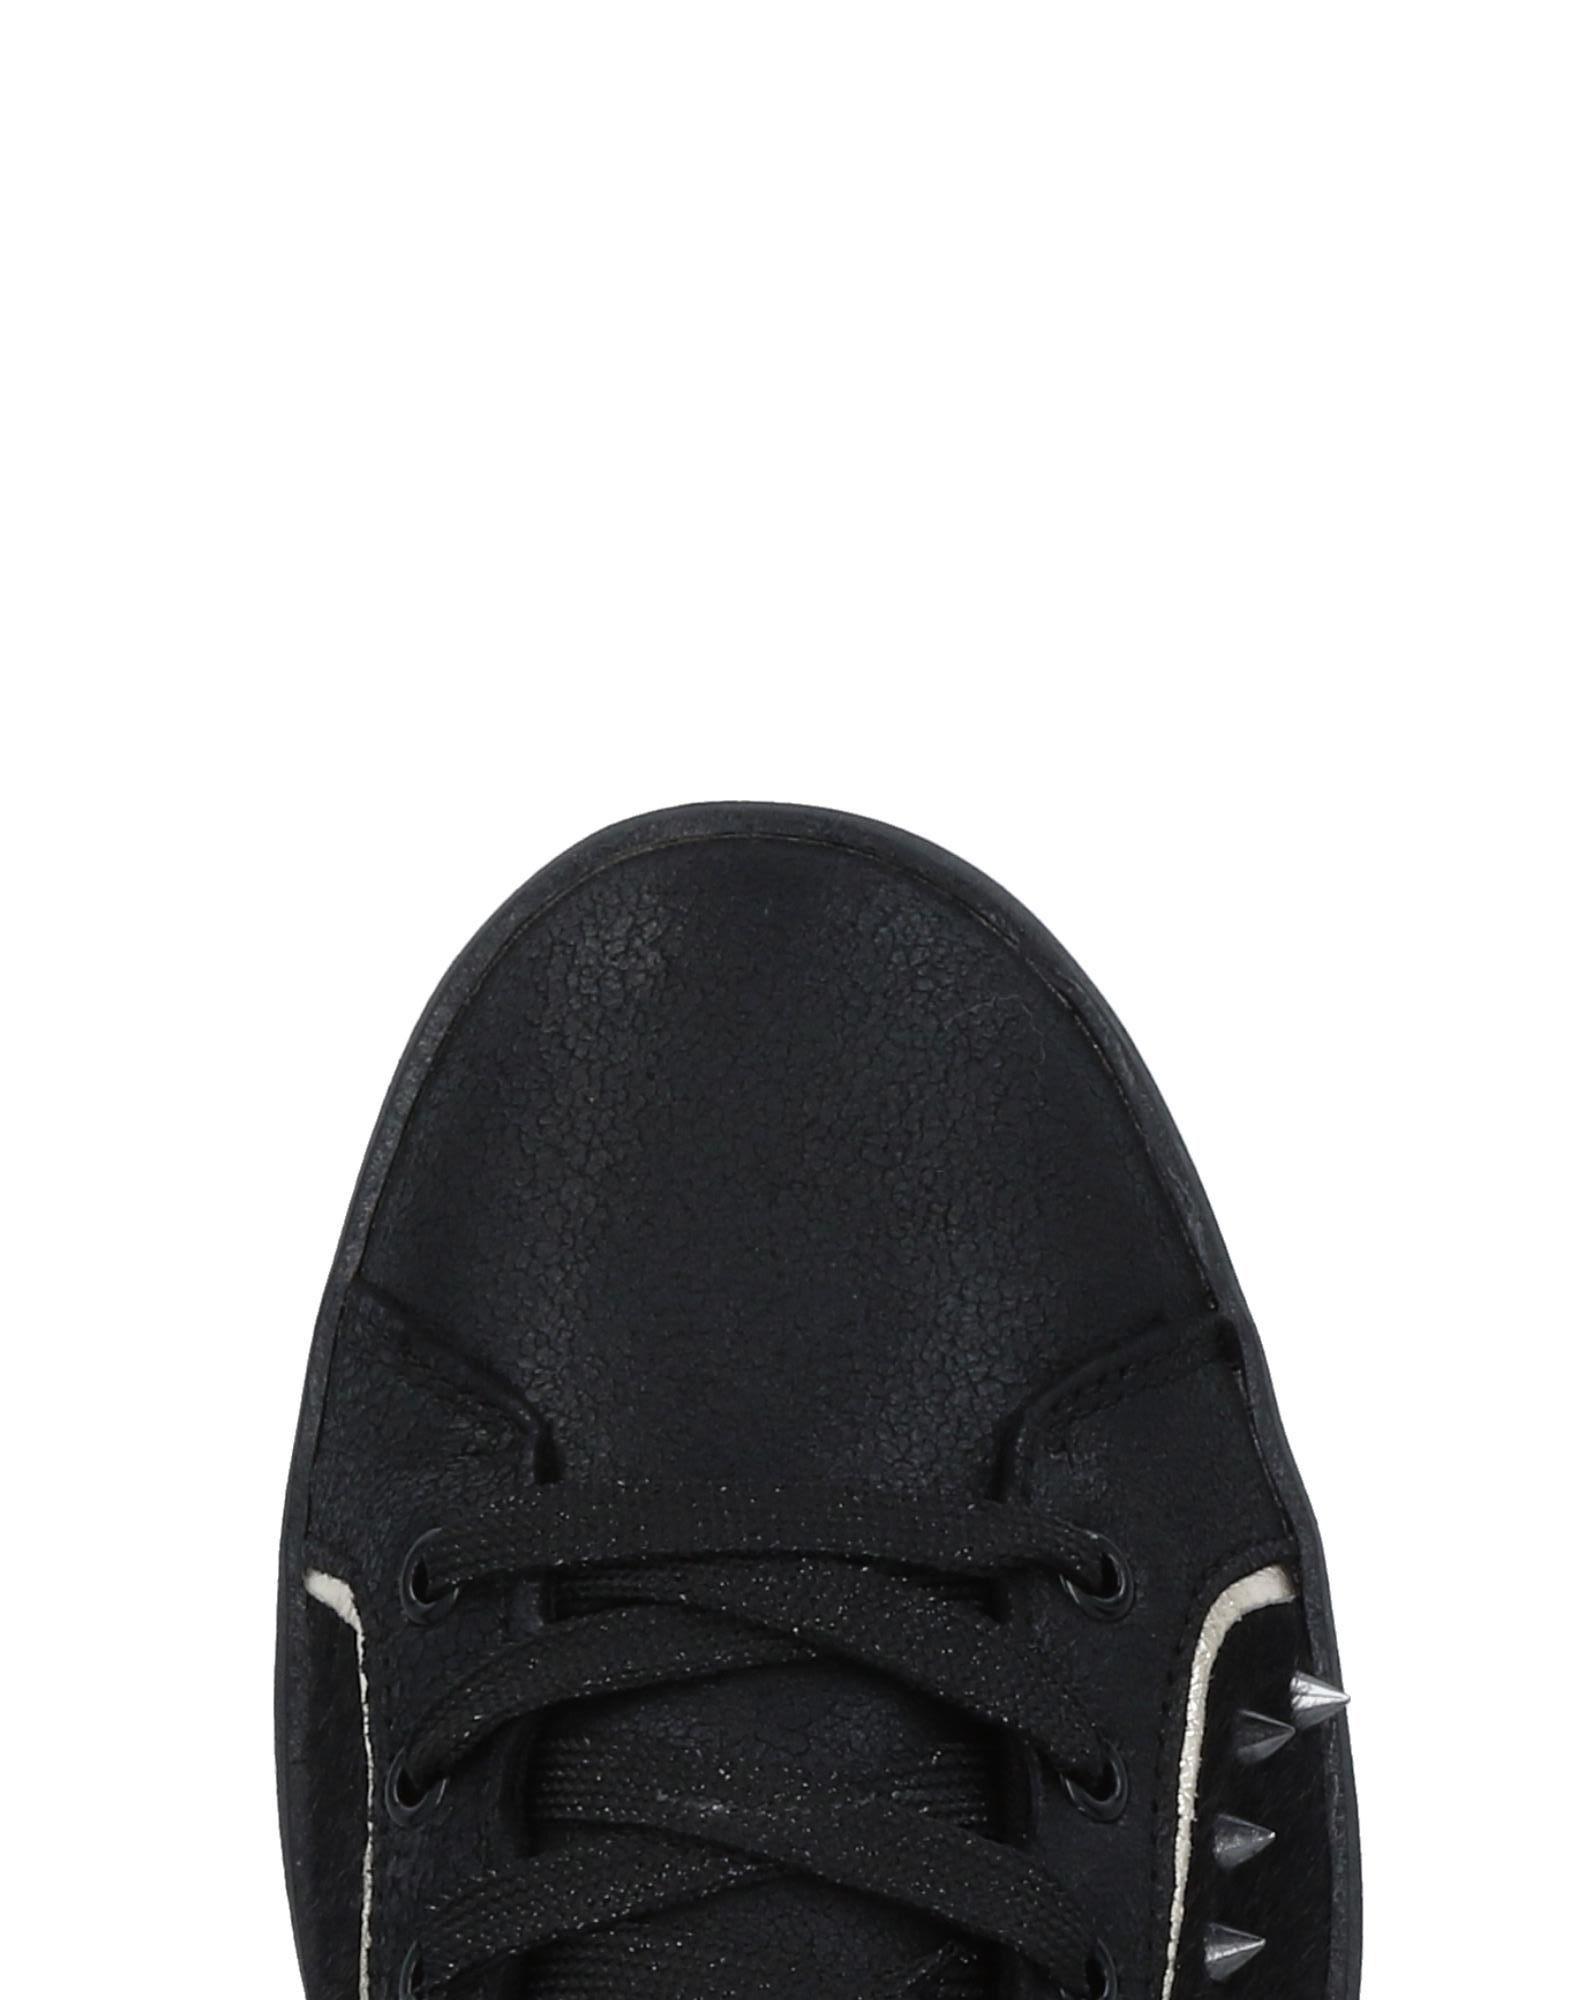 Replay Sneakers Damen  11493456LG Gute Qualität beliebte Schuhe